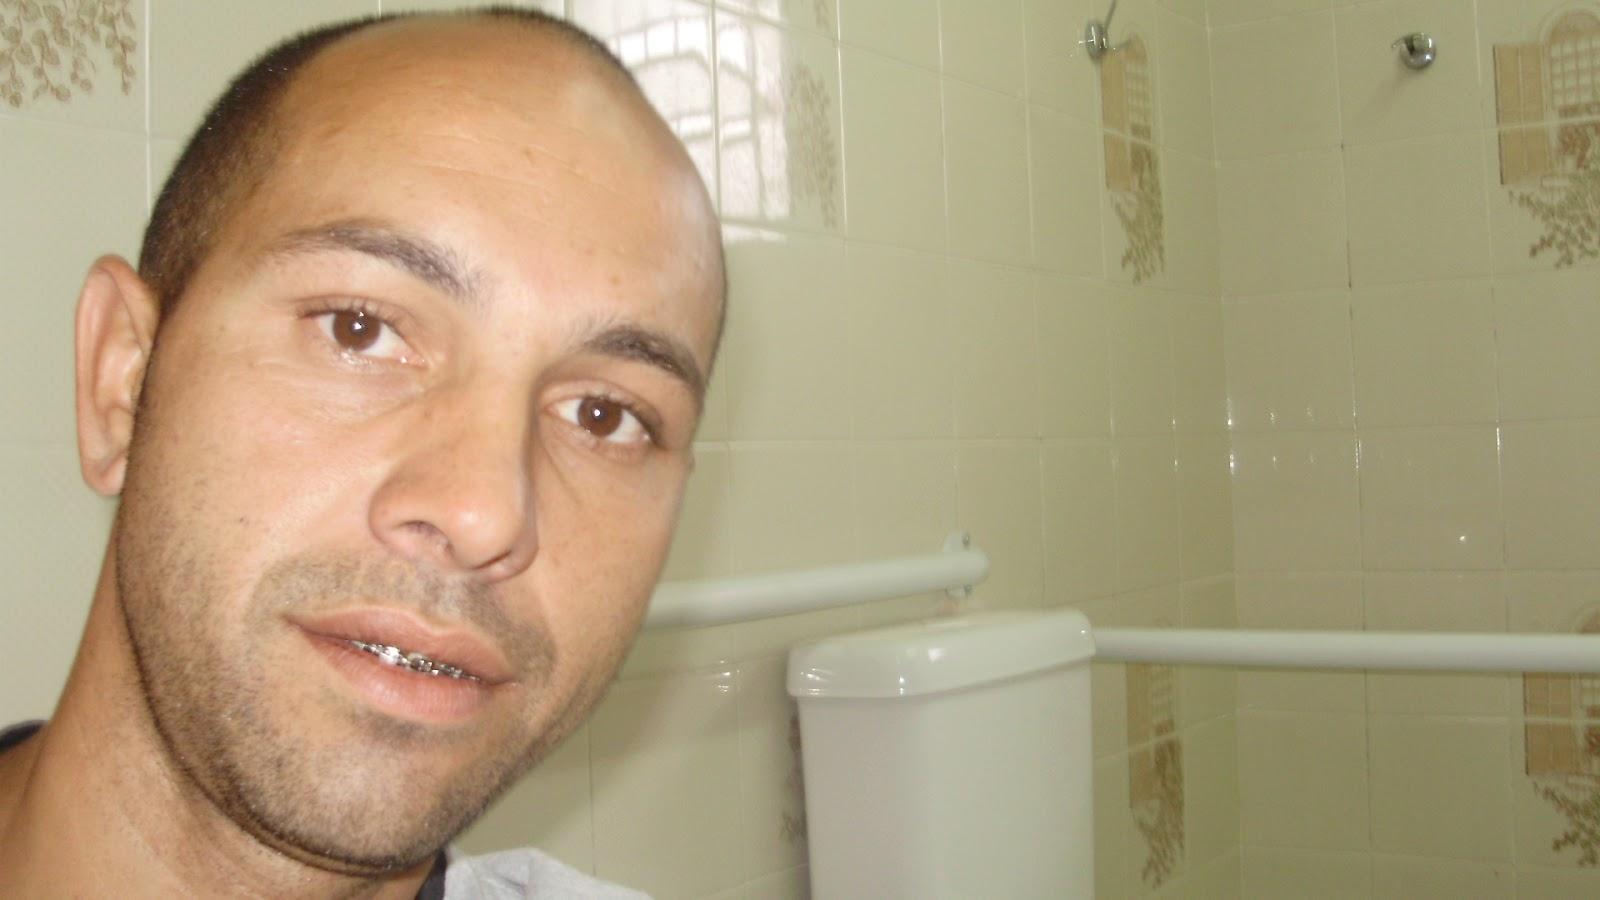 SERRALHERIA CAIADO: Kit de Acessibilidade para banheiros NBR 9050 #6F715A 1600x900 Banheiro Cadeirante Nbr 9050